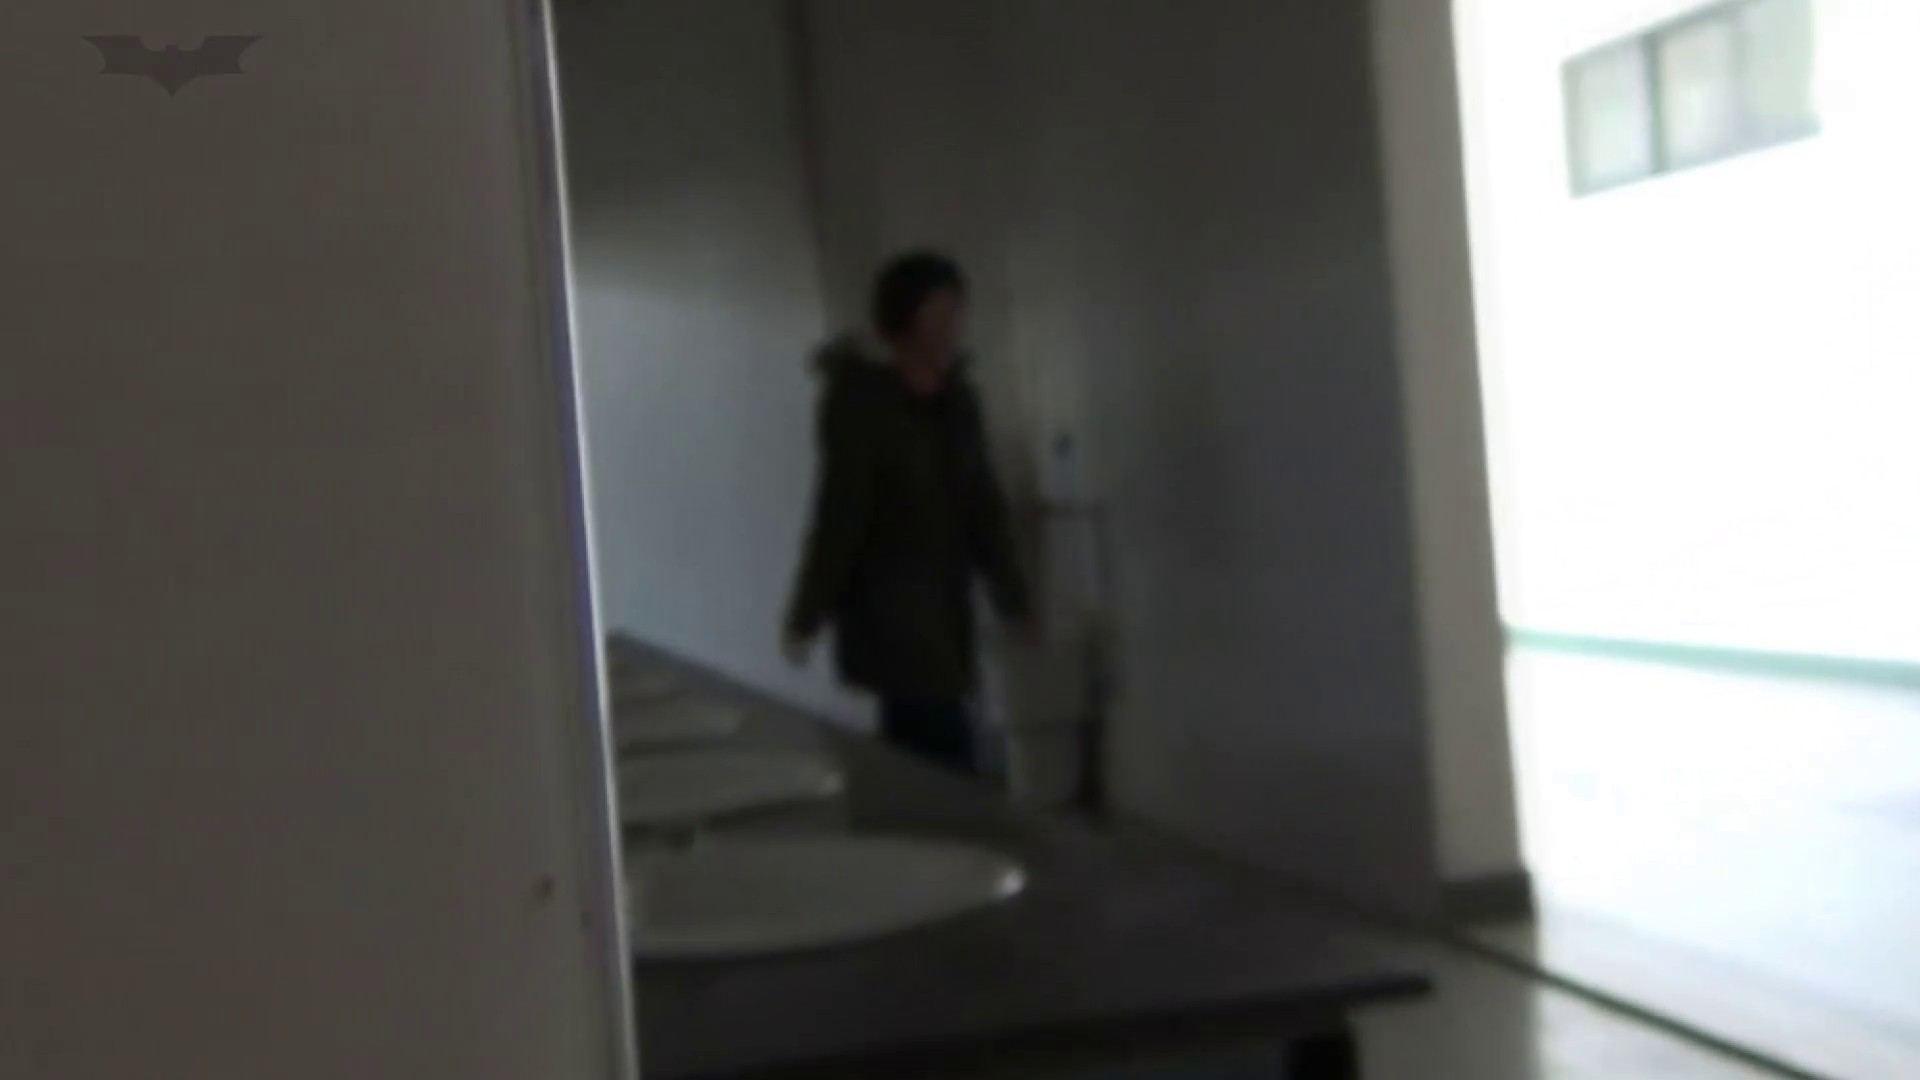 JD盗撮 美女の洗面所の秘密 Vol.22 エッチな盗撮 盗撮画像 104pic 59